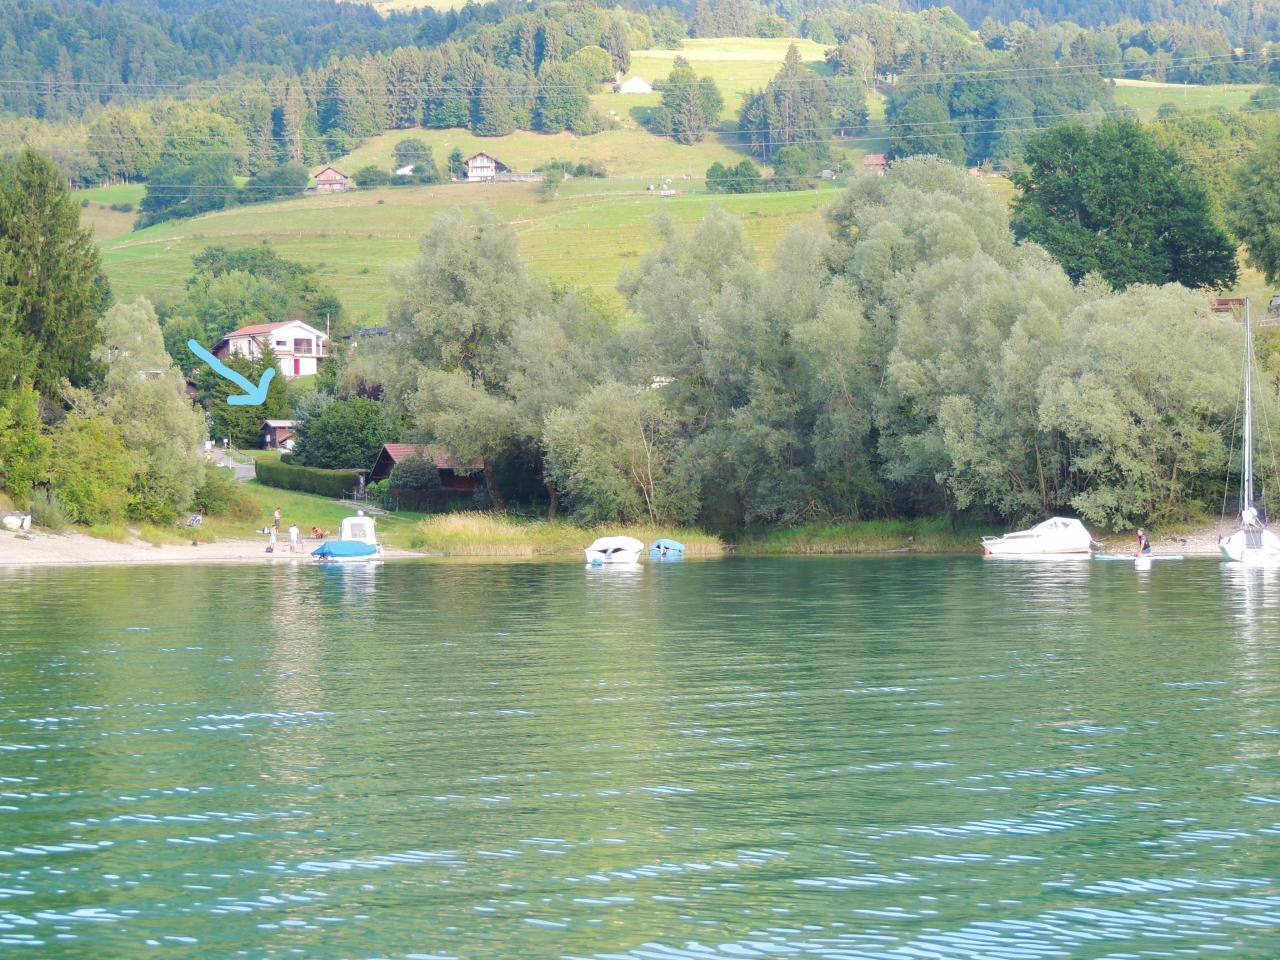 Ferienhaus Chalet La Libellule - Lune d'eau (2394034), Hauteville, , Freiburg, Schweiz, Bild 14